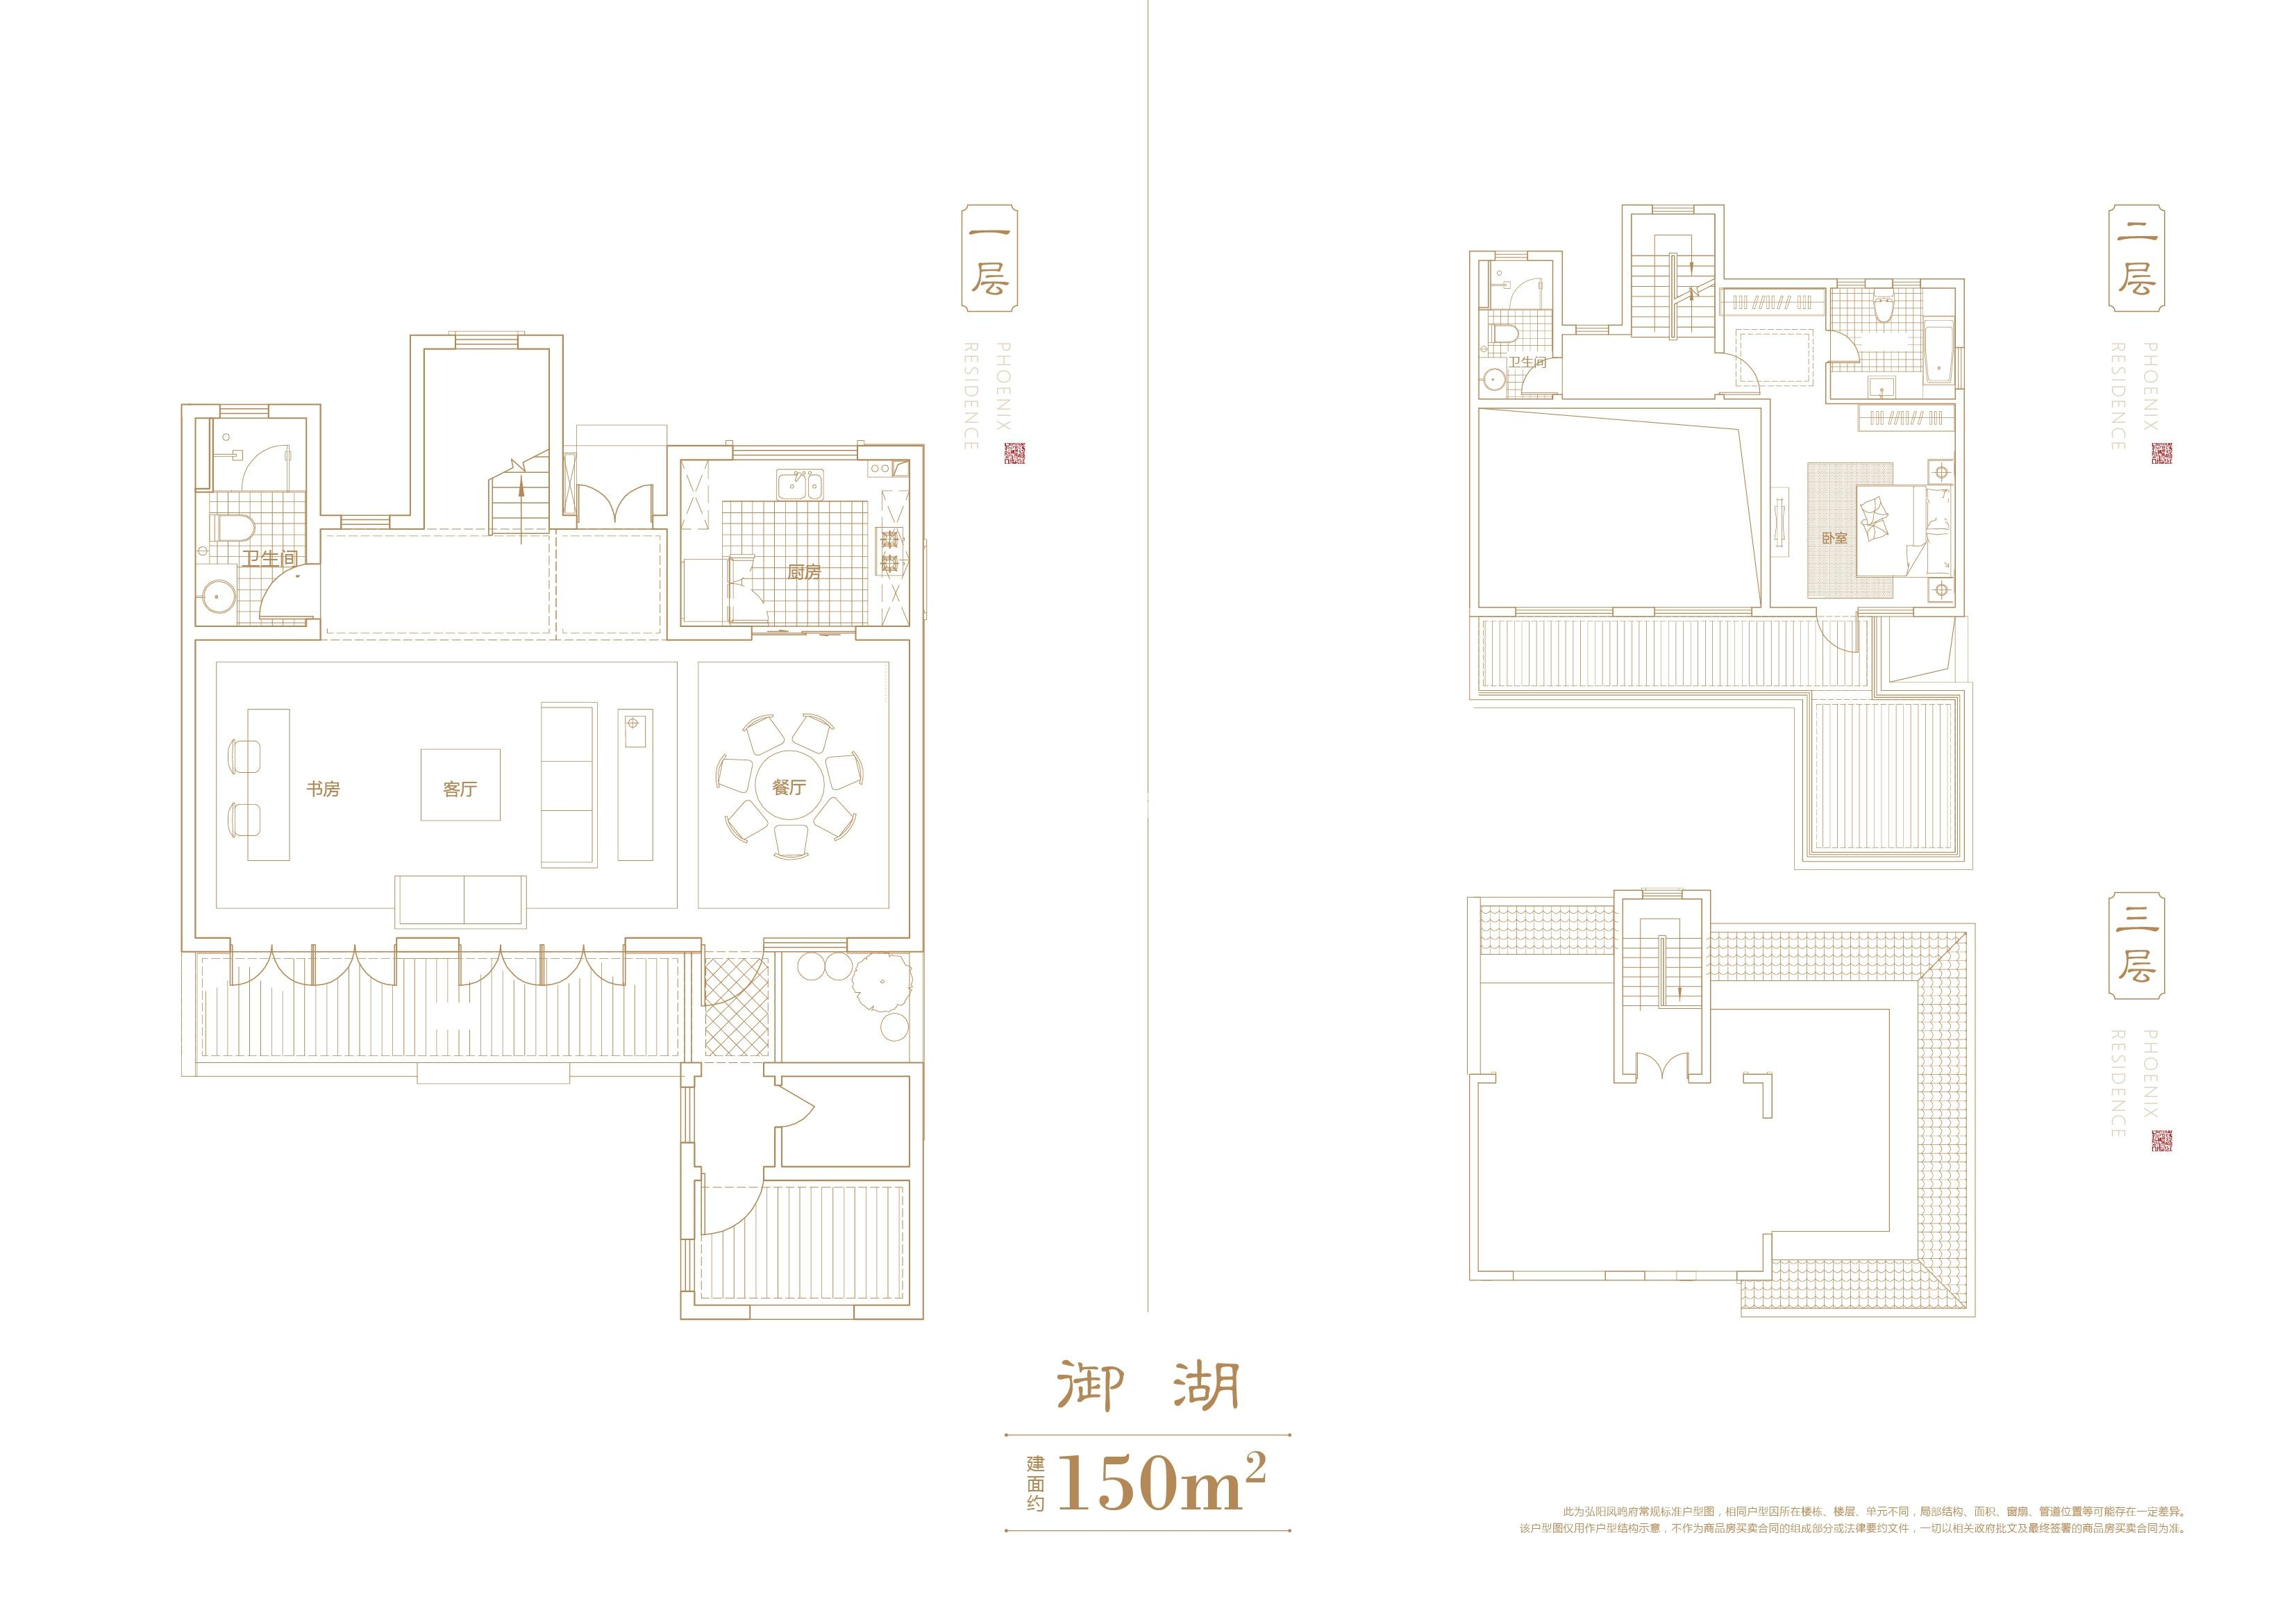 弘阳凤鸣府别墅150㎡户型图